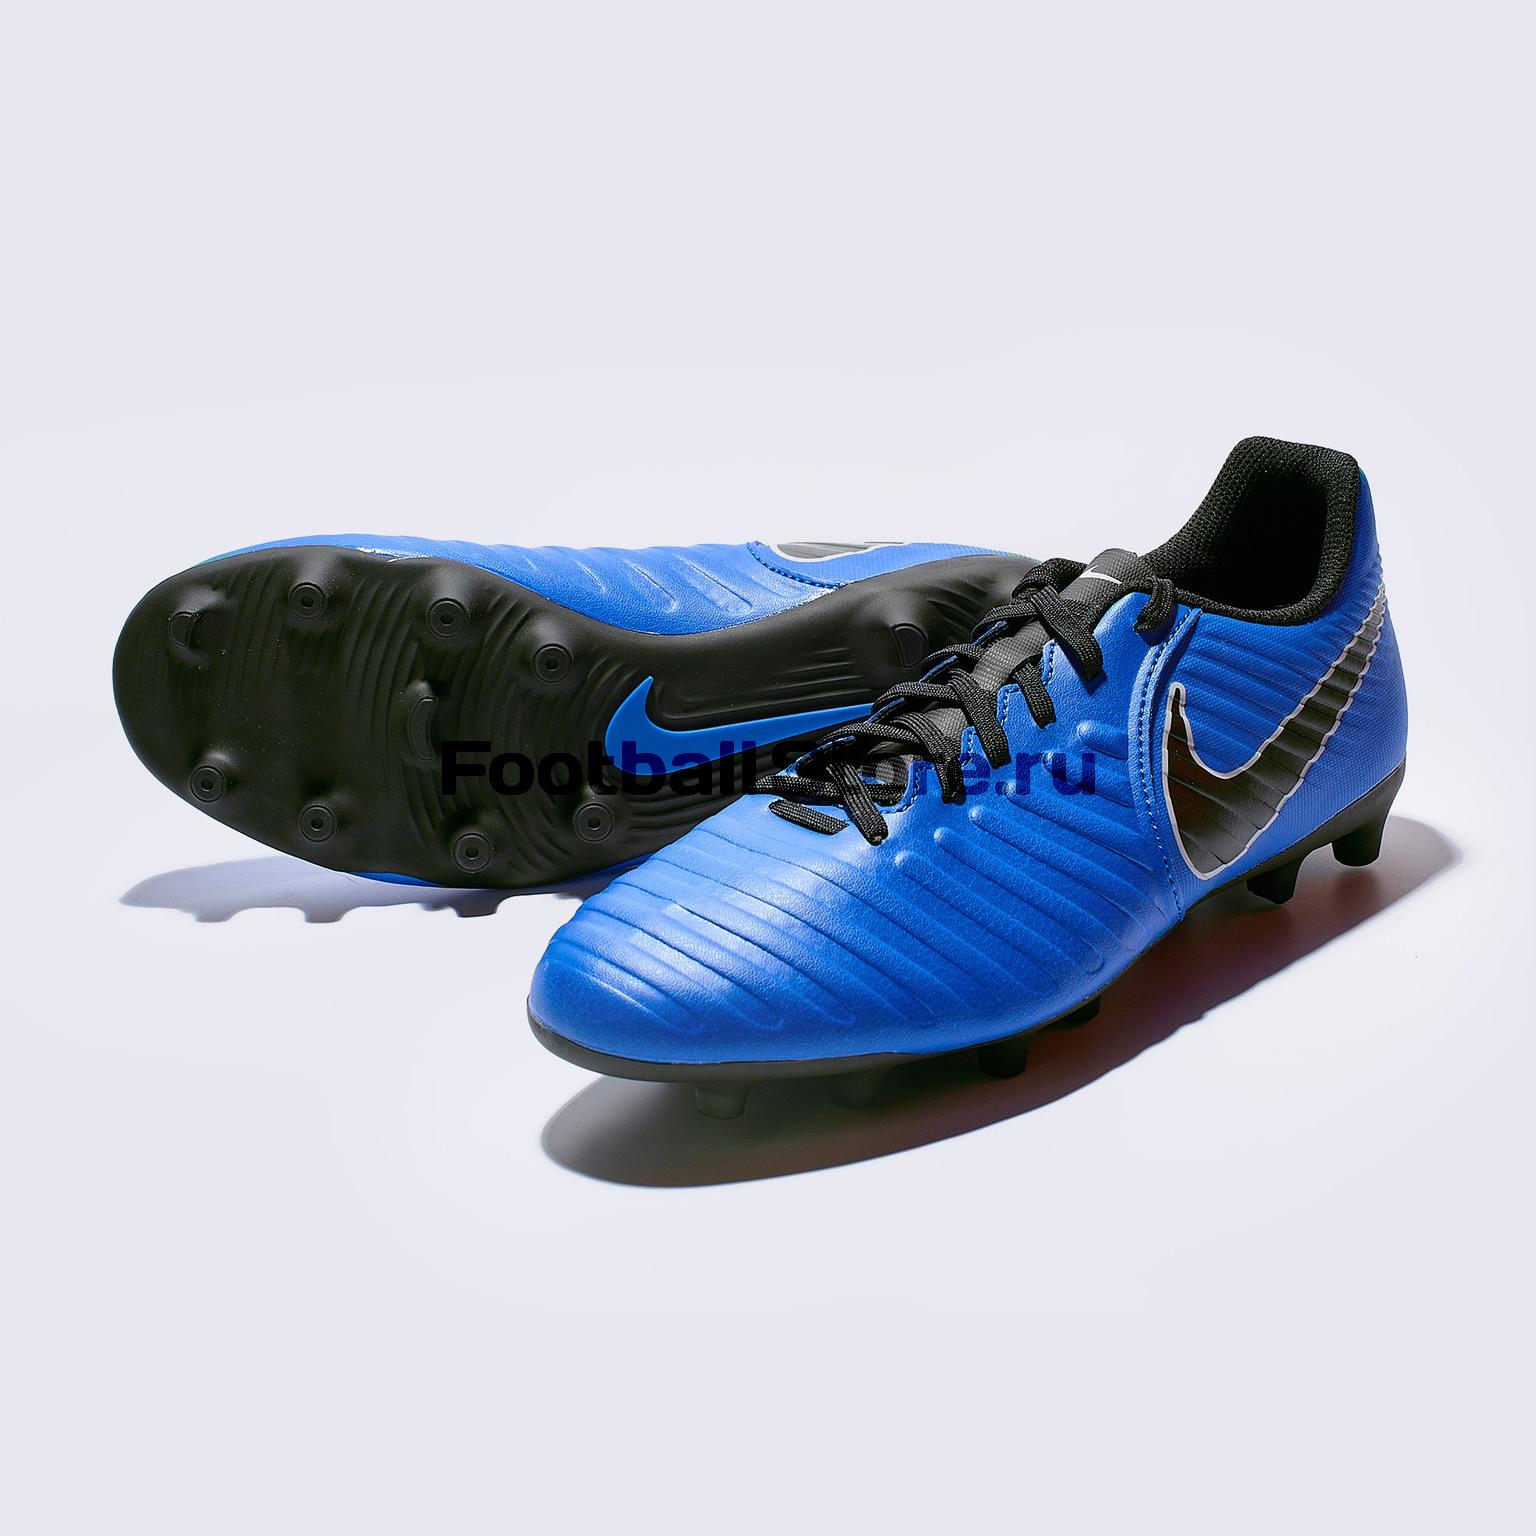 901017b61898 Бутсы Nike Legend 7 Club FG AO2597-400 – купить бутсы в интернет ...